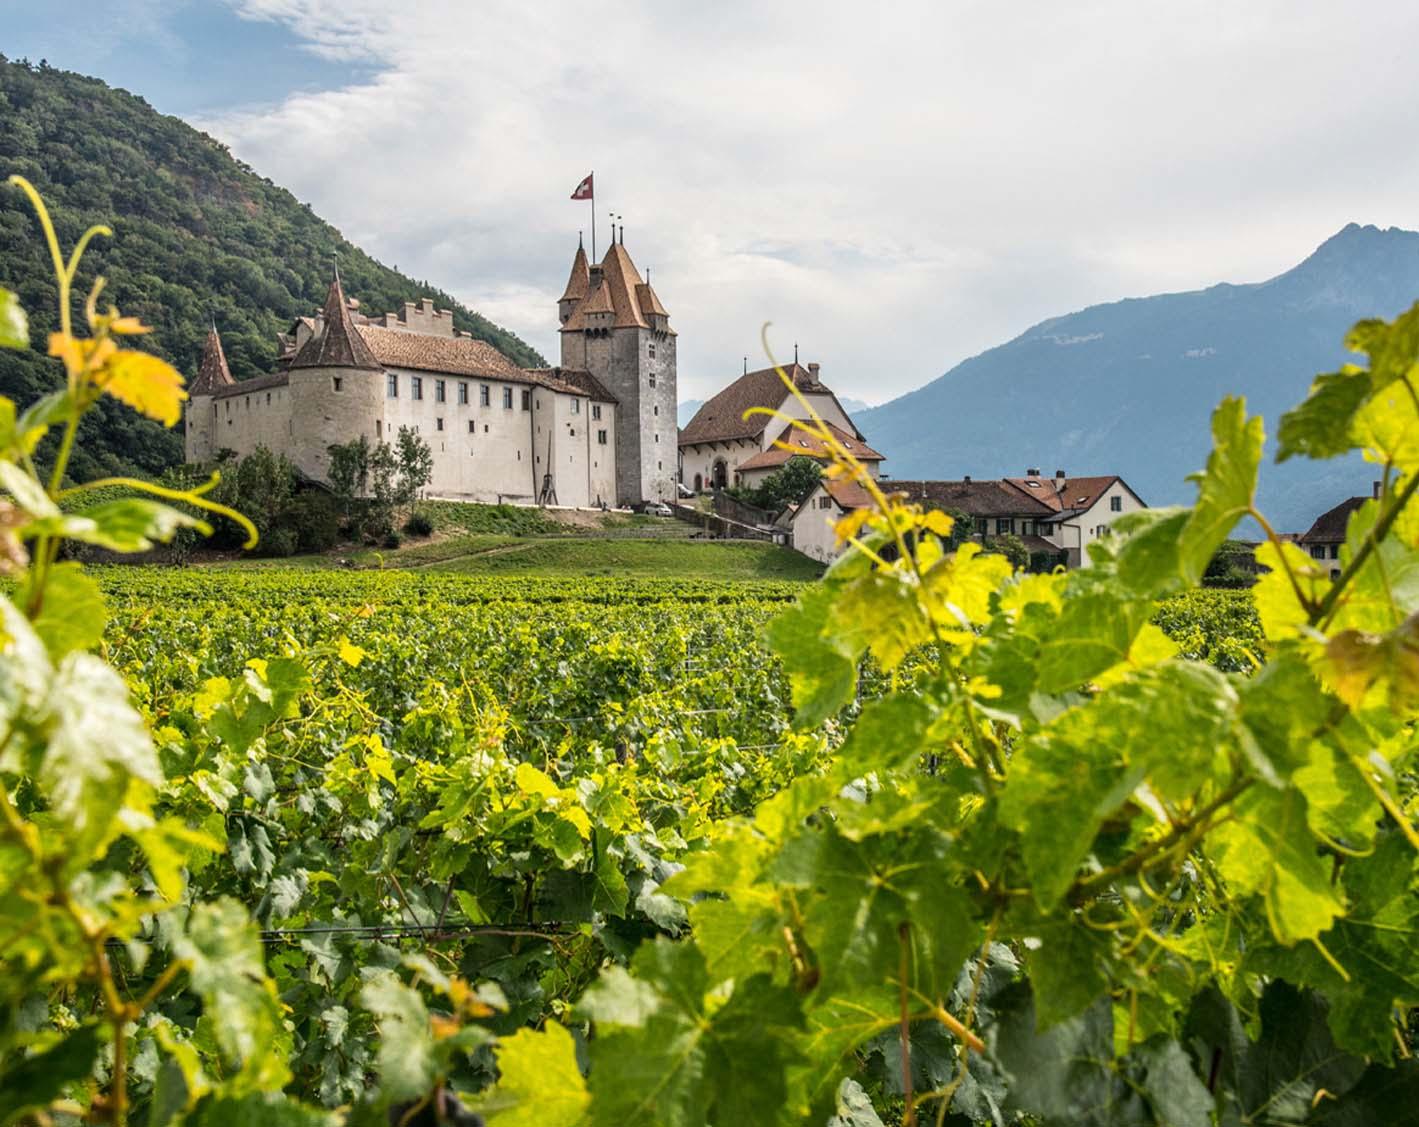 01c35e105986ee Maxivue   aigle-optique-du-centre-moret   vaud  Suisse romande